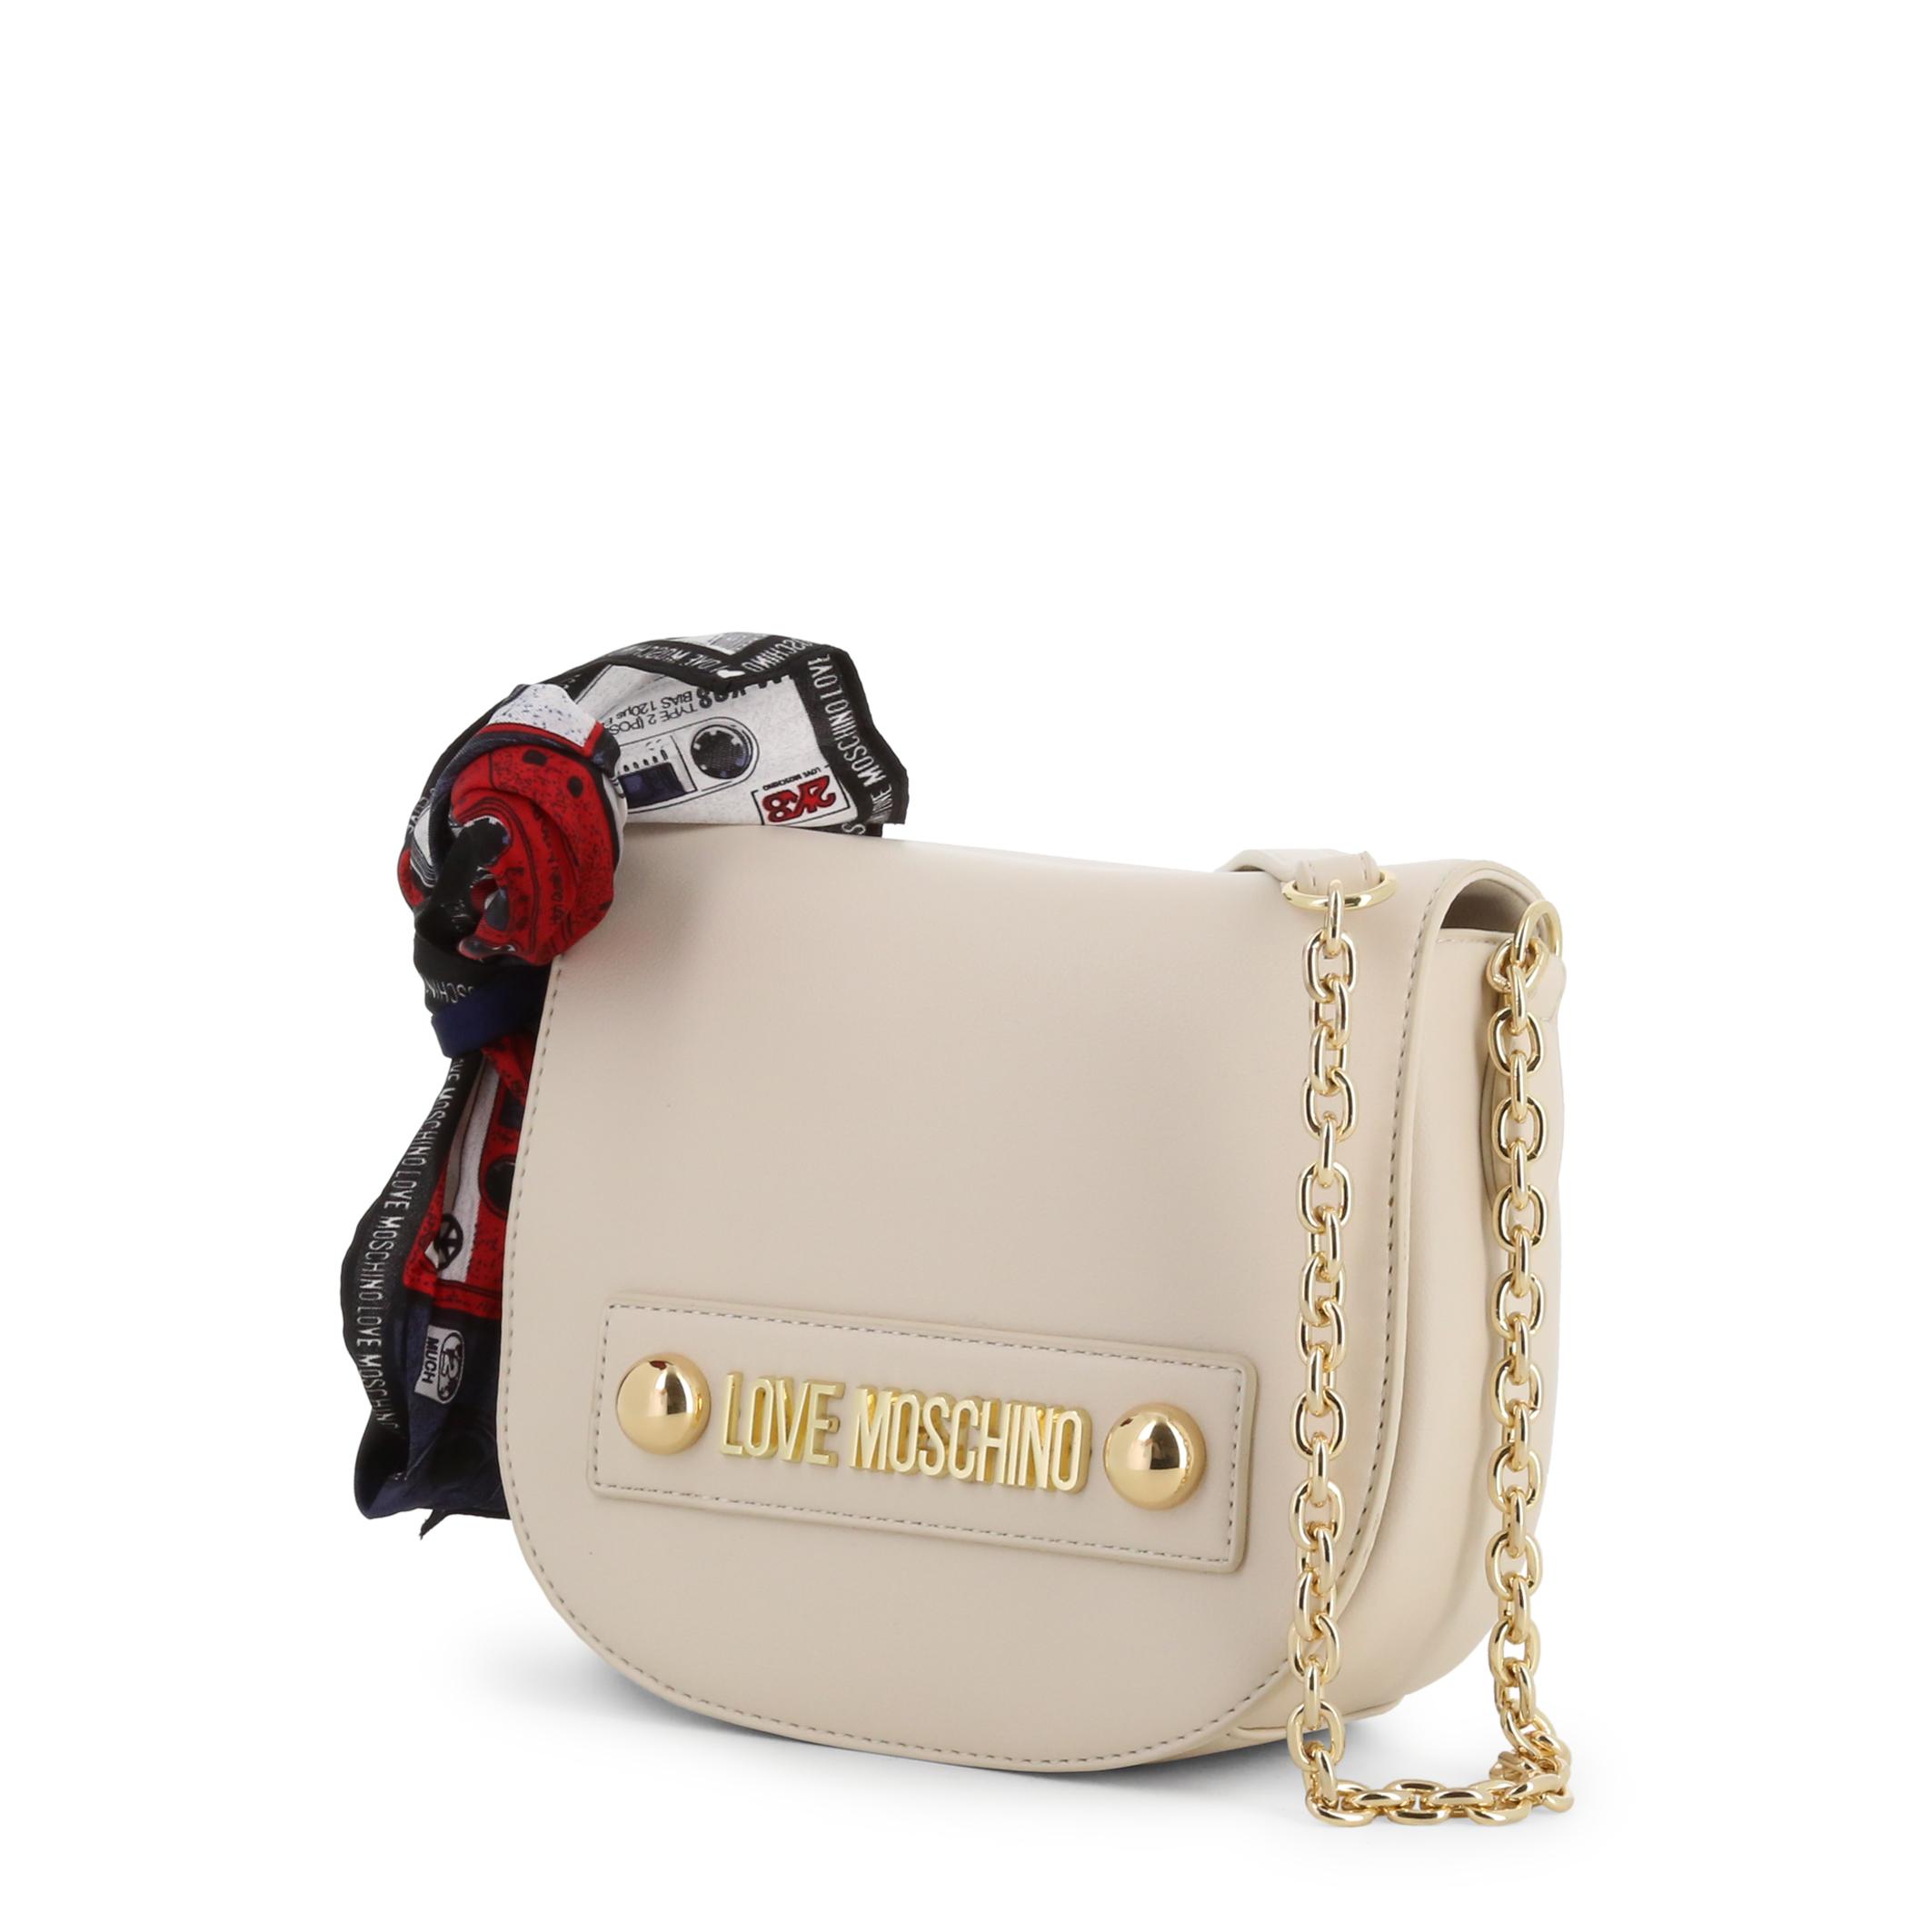 Love Moschino Women/'s Crossbody Bag In White NOSIZE